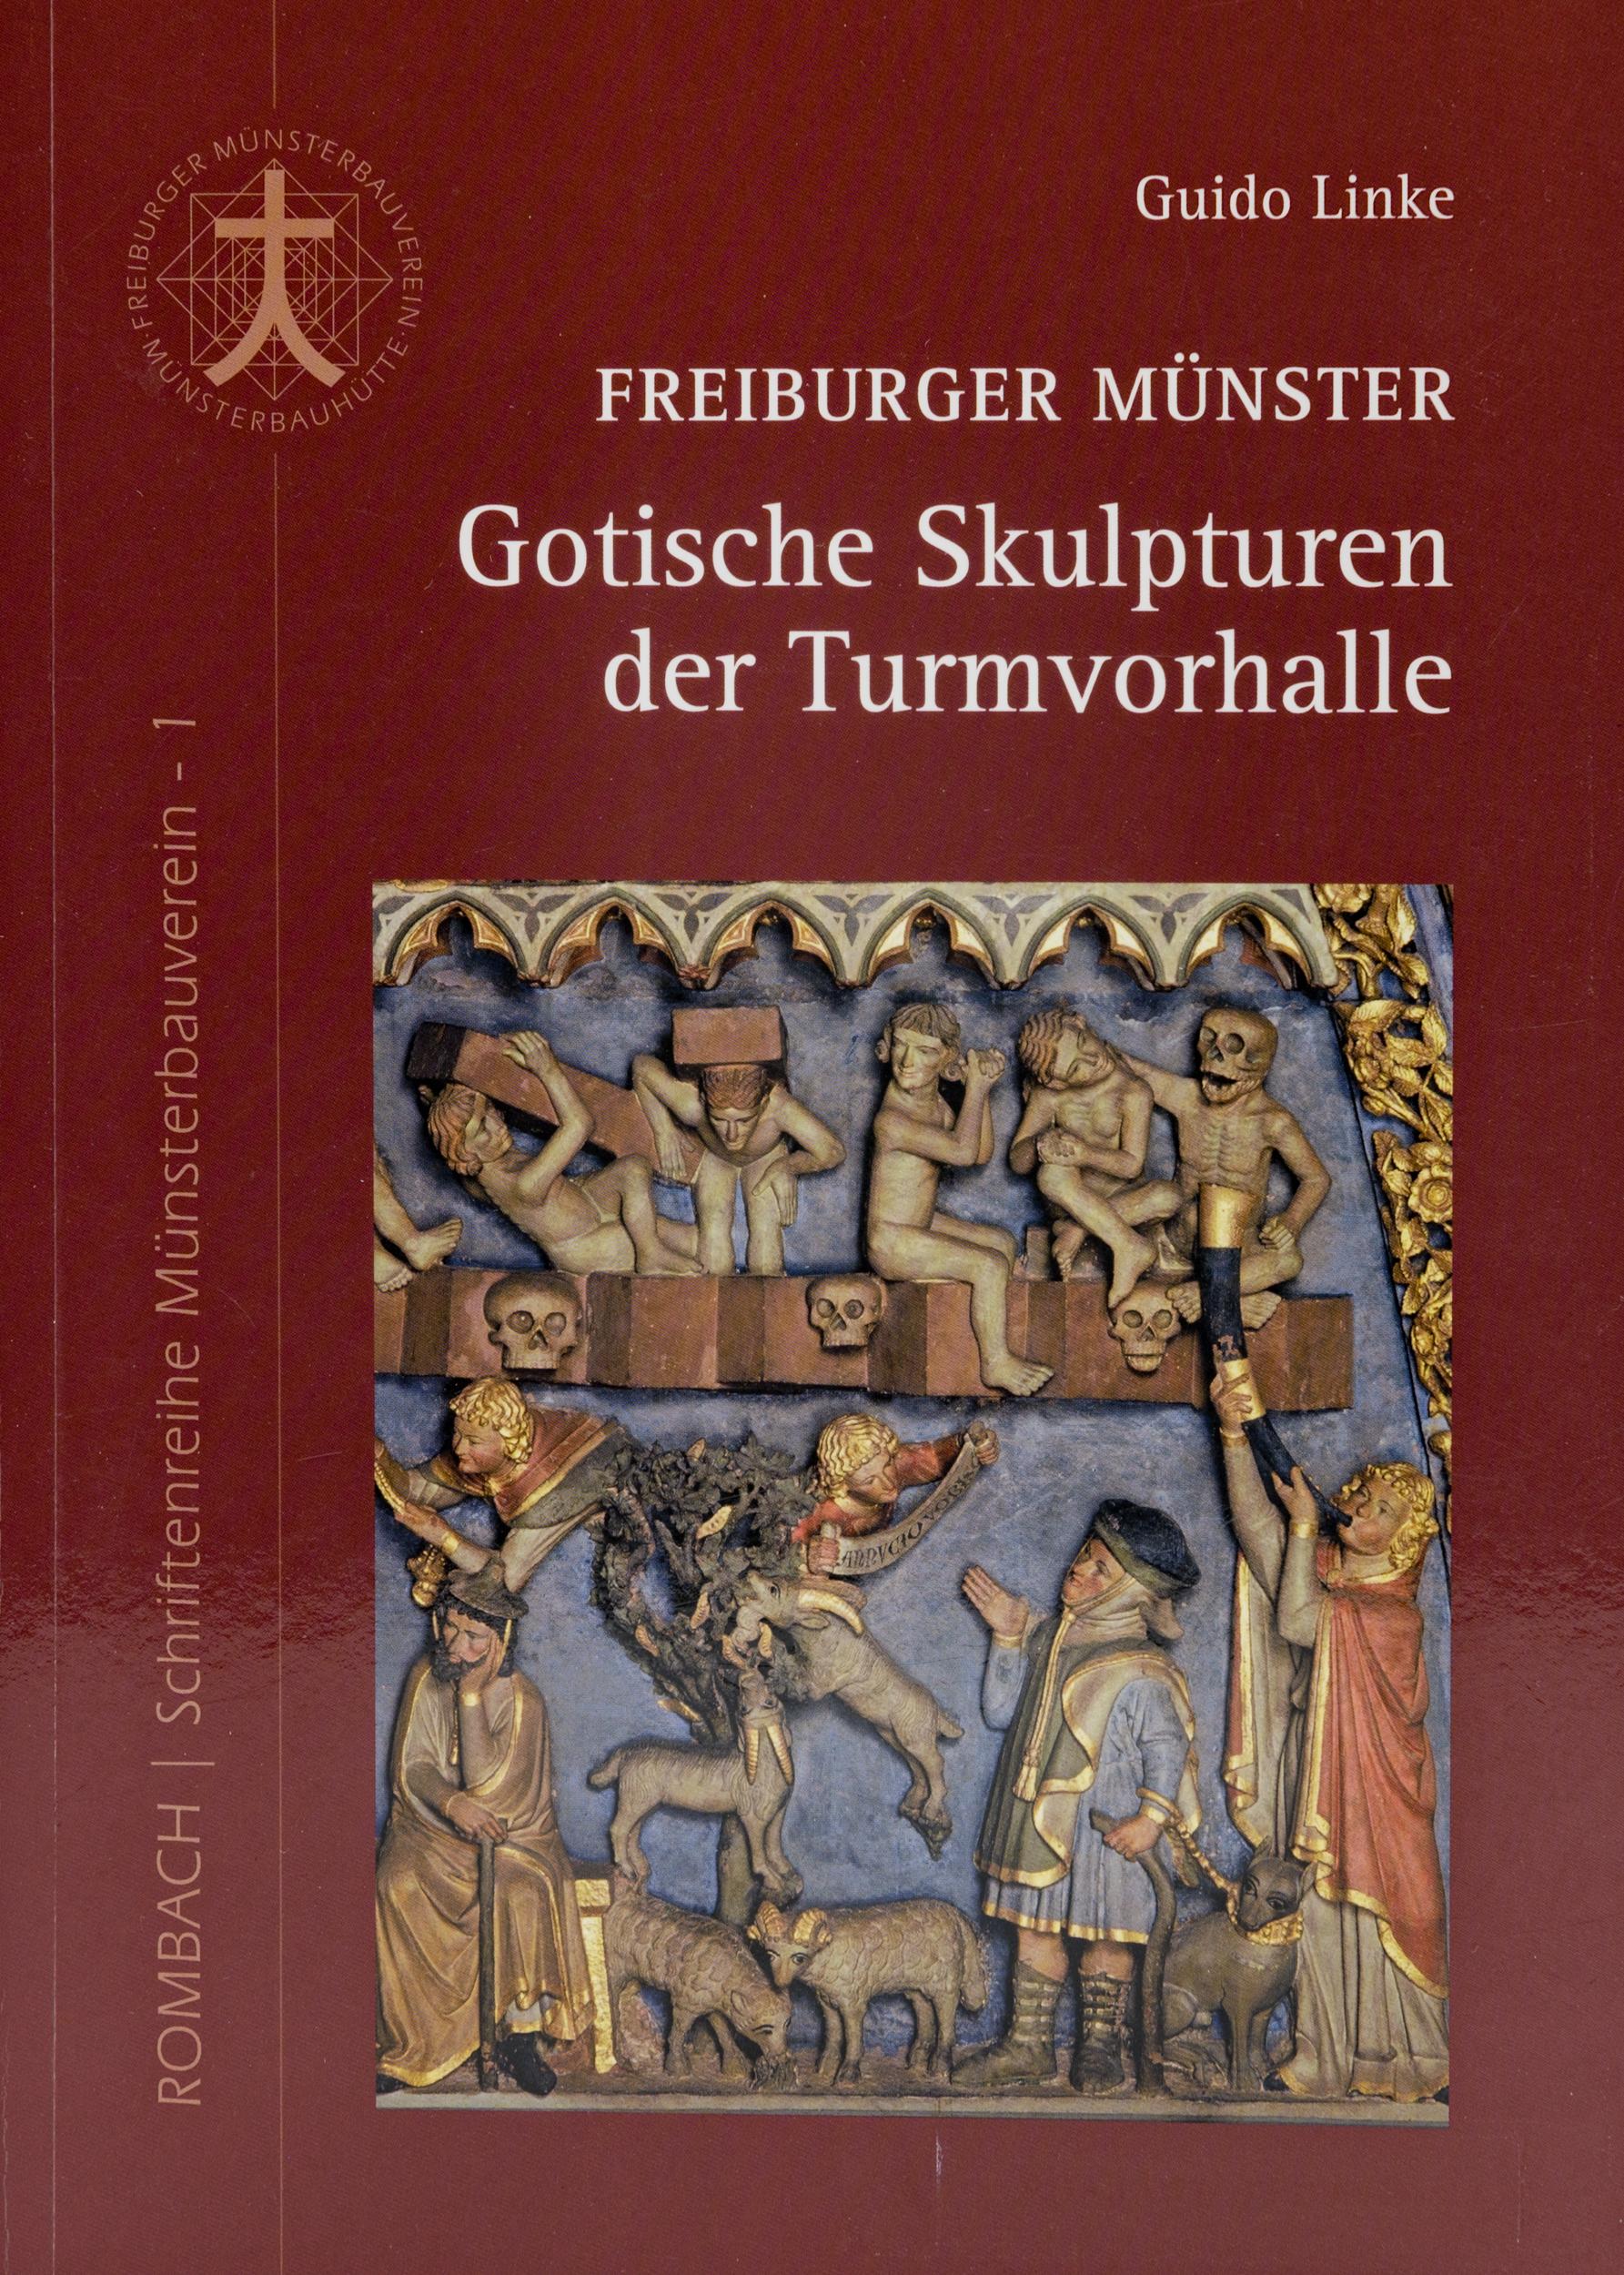 Münsterladen Freiburg Buch Geschenk Gotische Skulputren